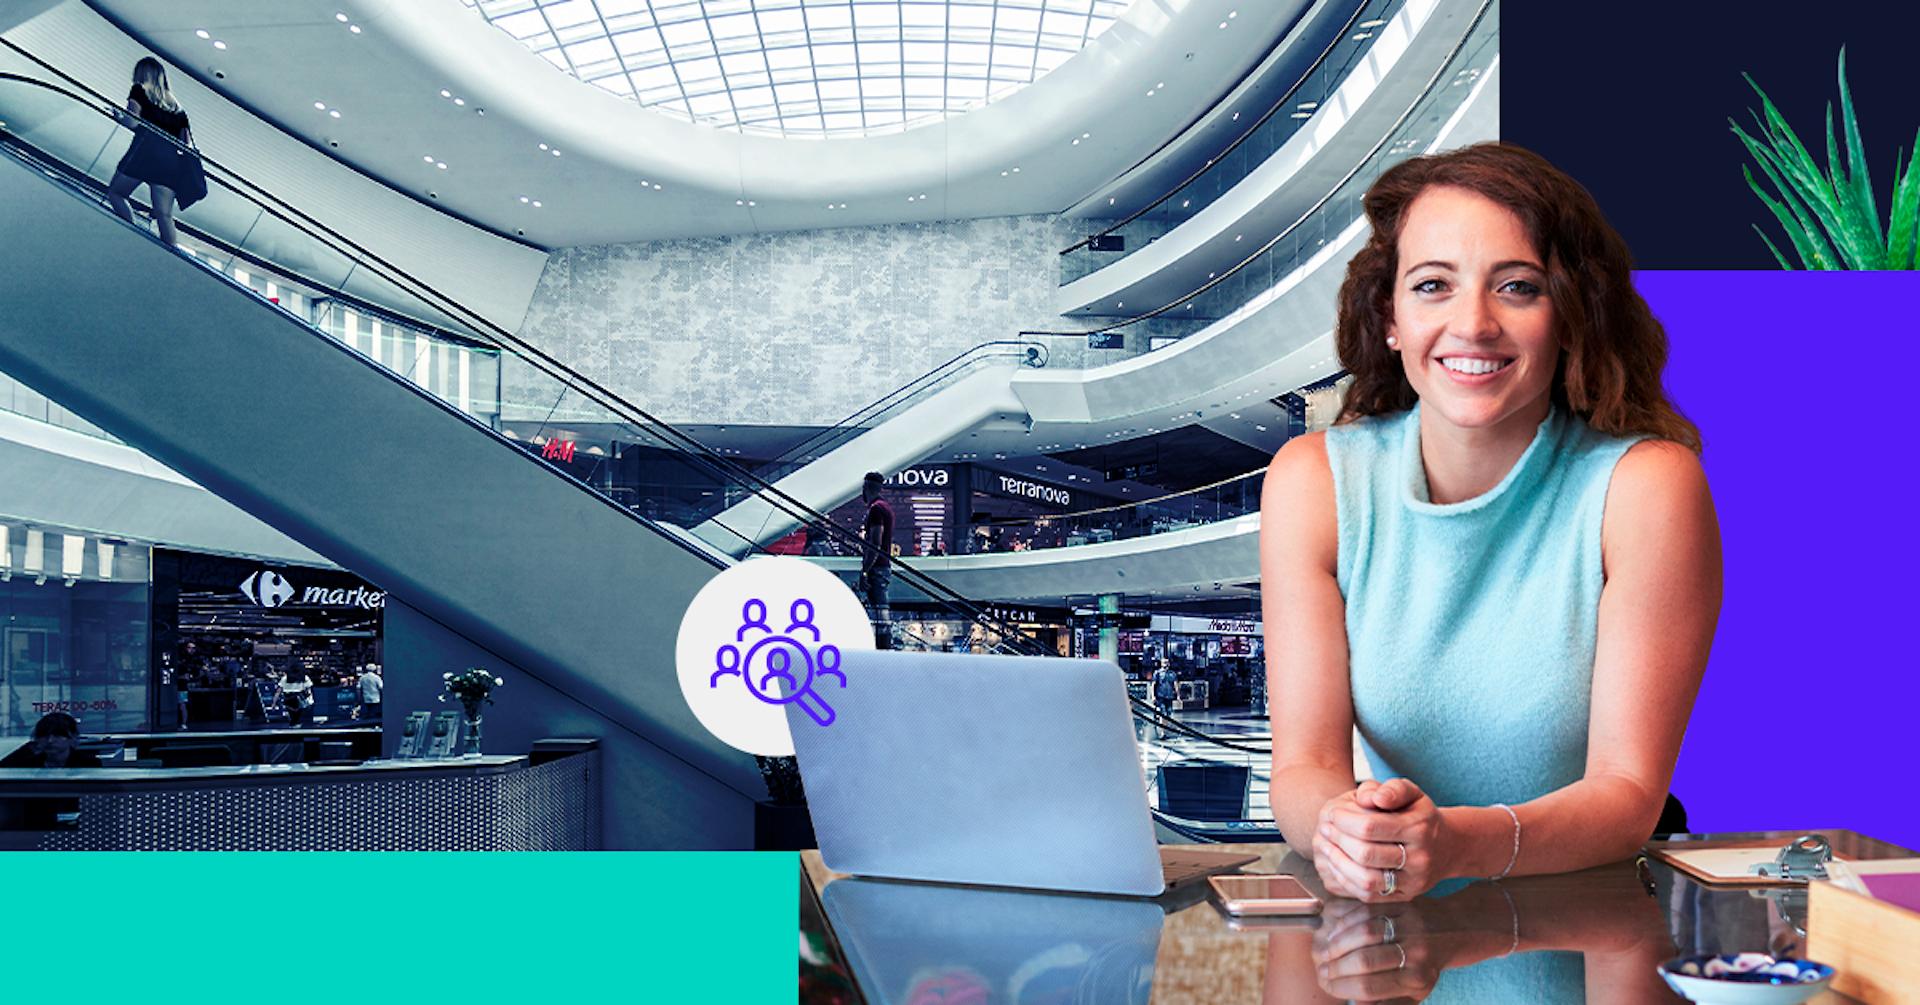 Quais são as posições mais procuradas no setor de varejo?